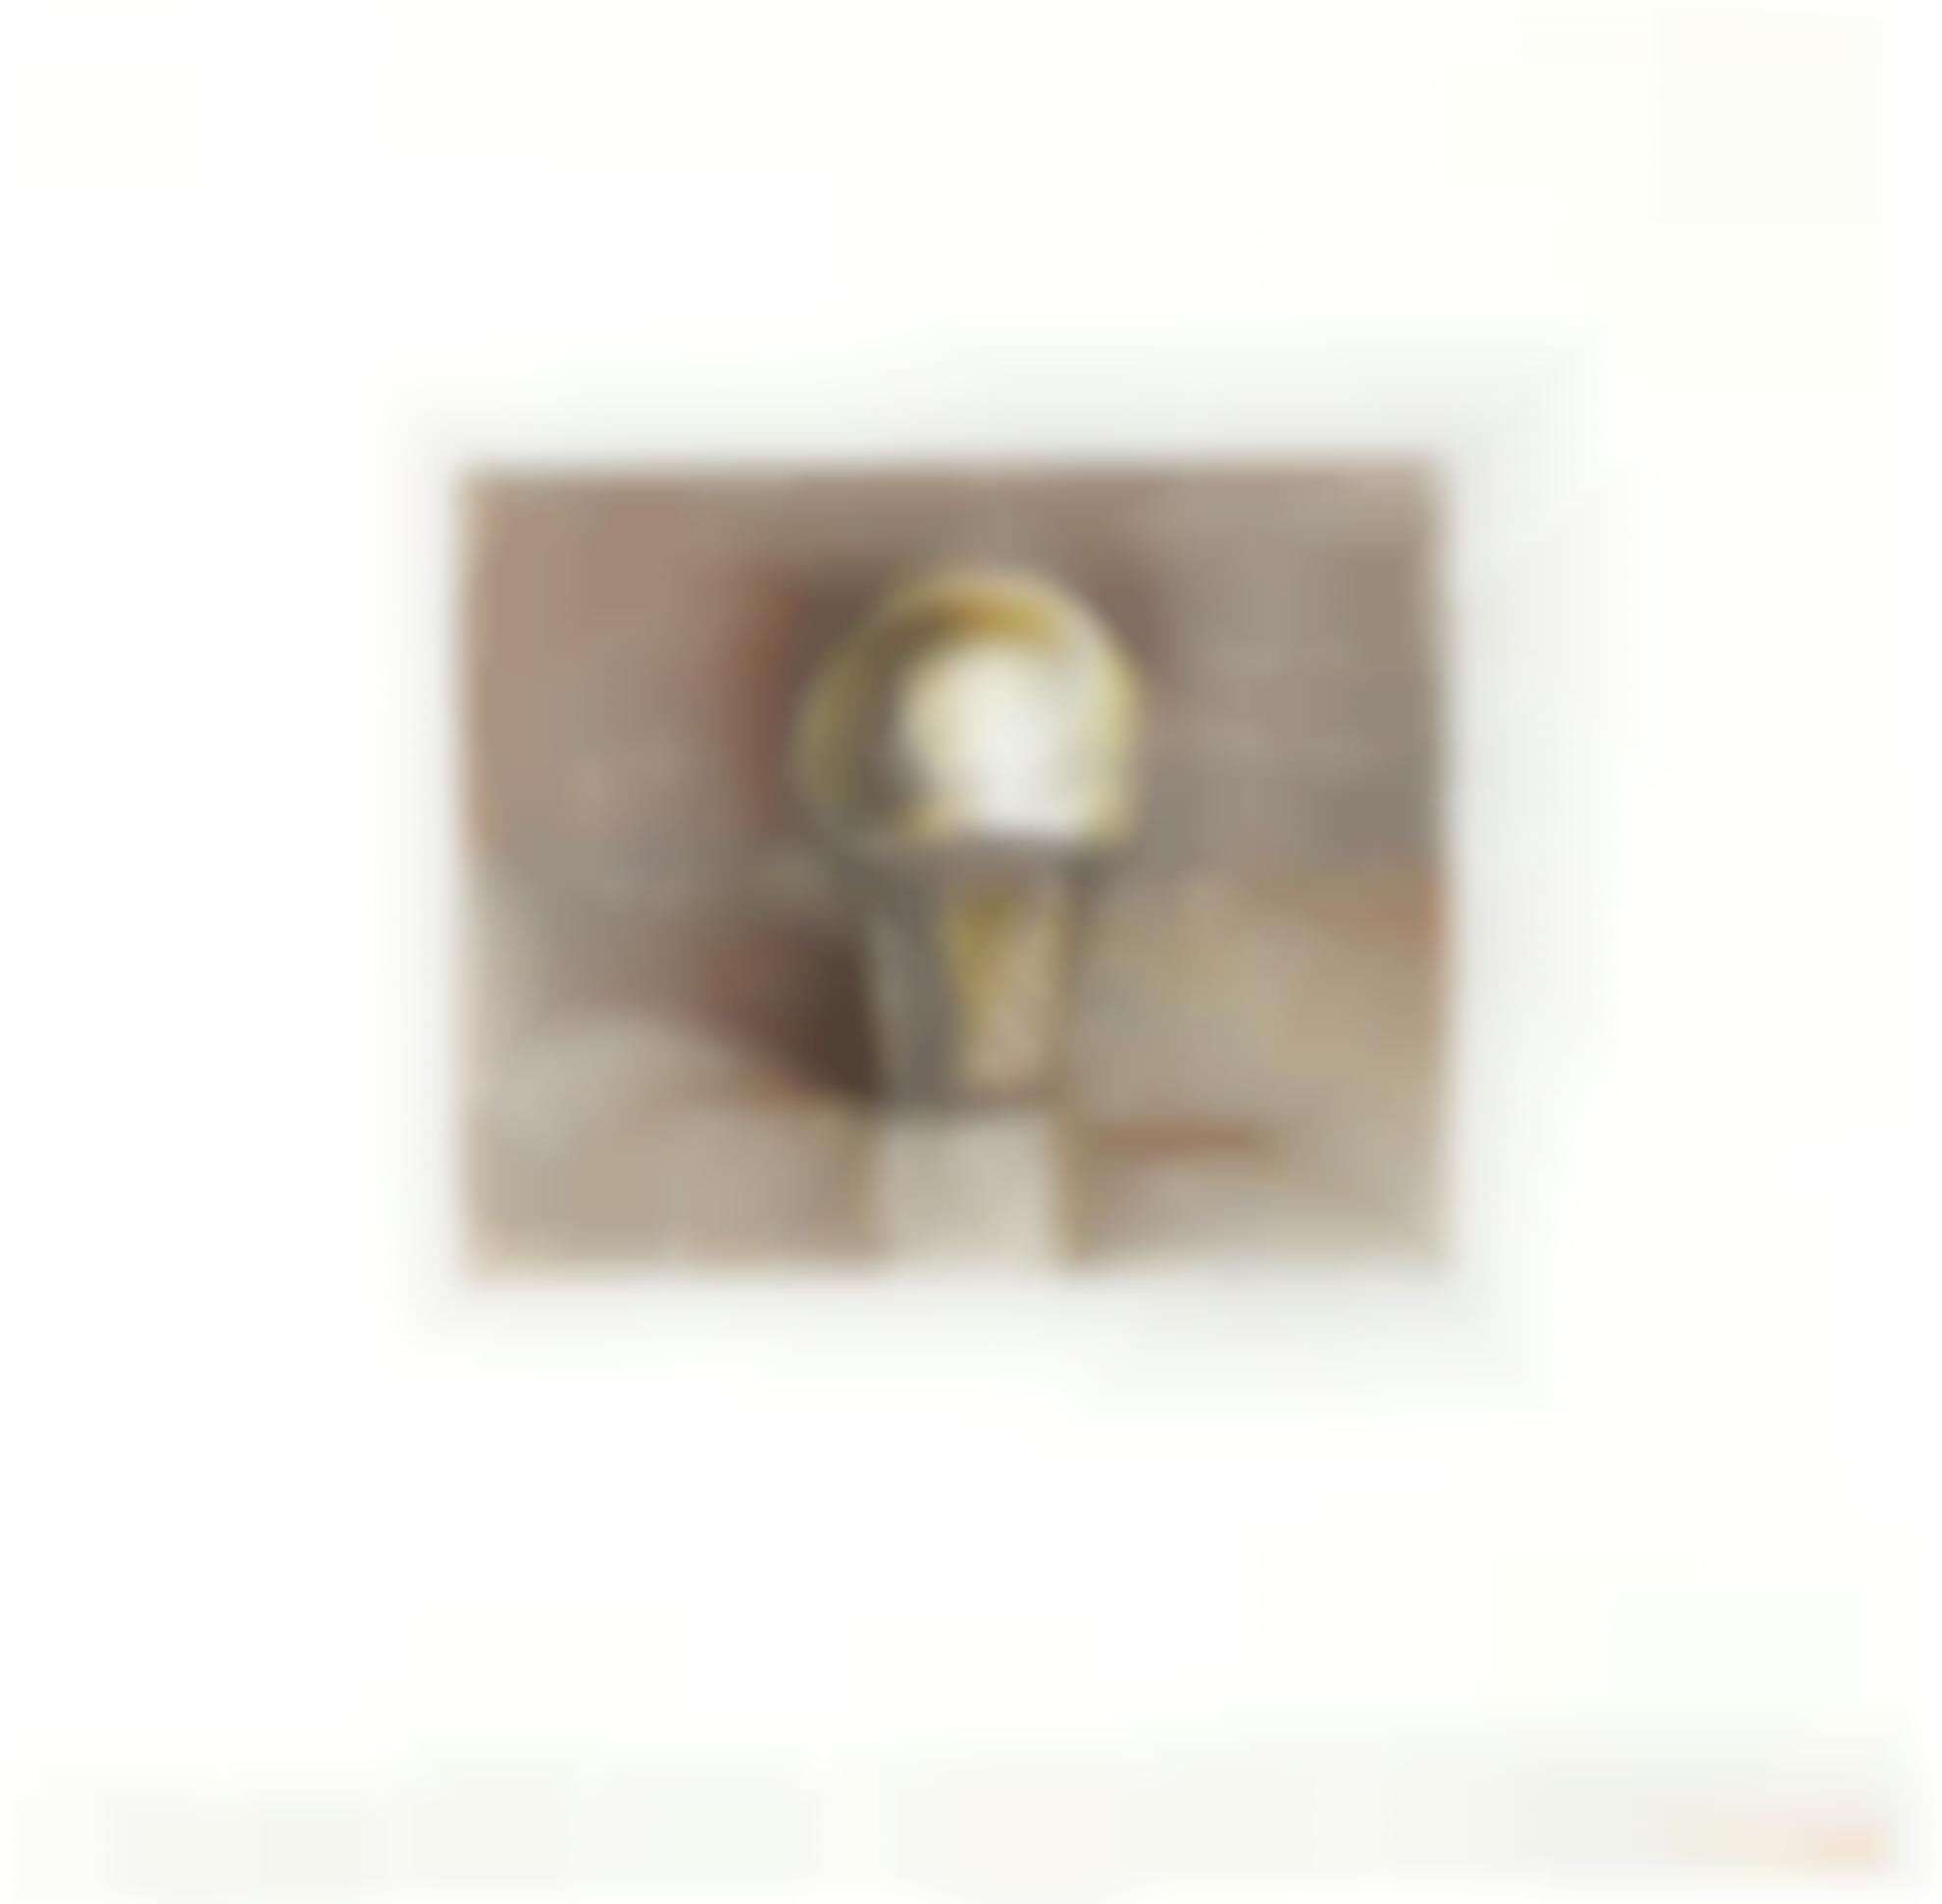 Wayne Thiebaud-Single Cone-2011